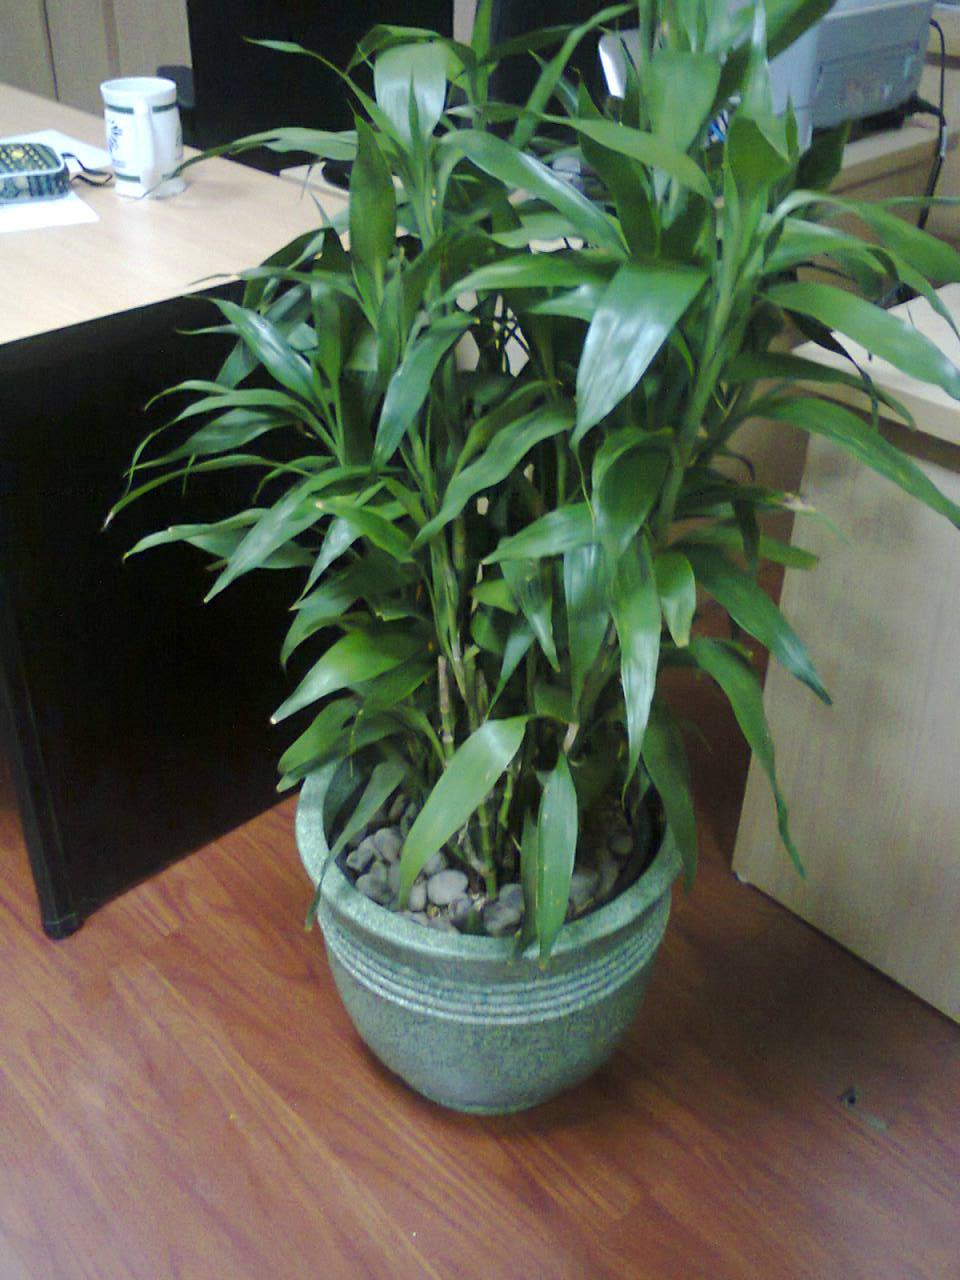 Sewa tanaman bambu sri rejeki dengan daun bervariasi Telp. 021-70057111, 08561577500